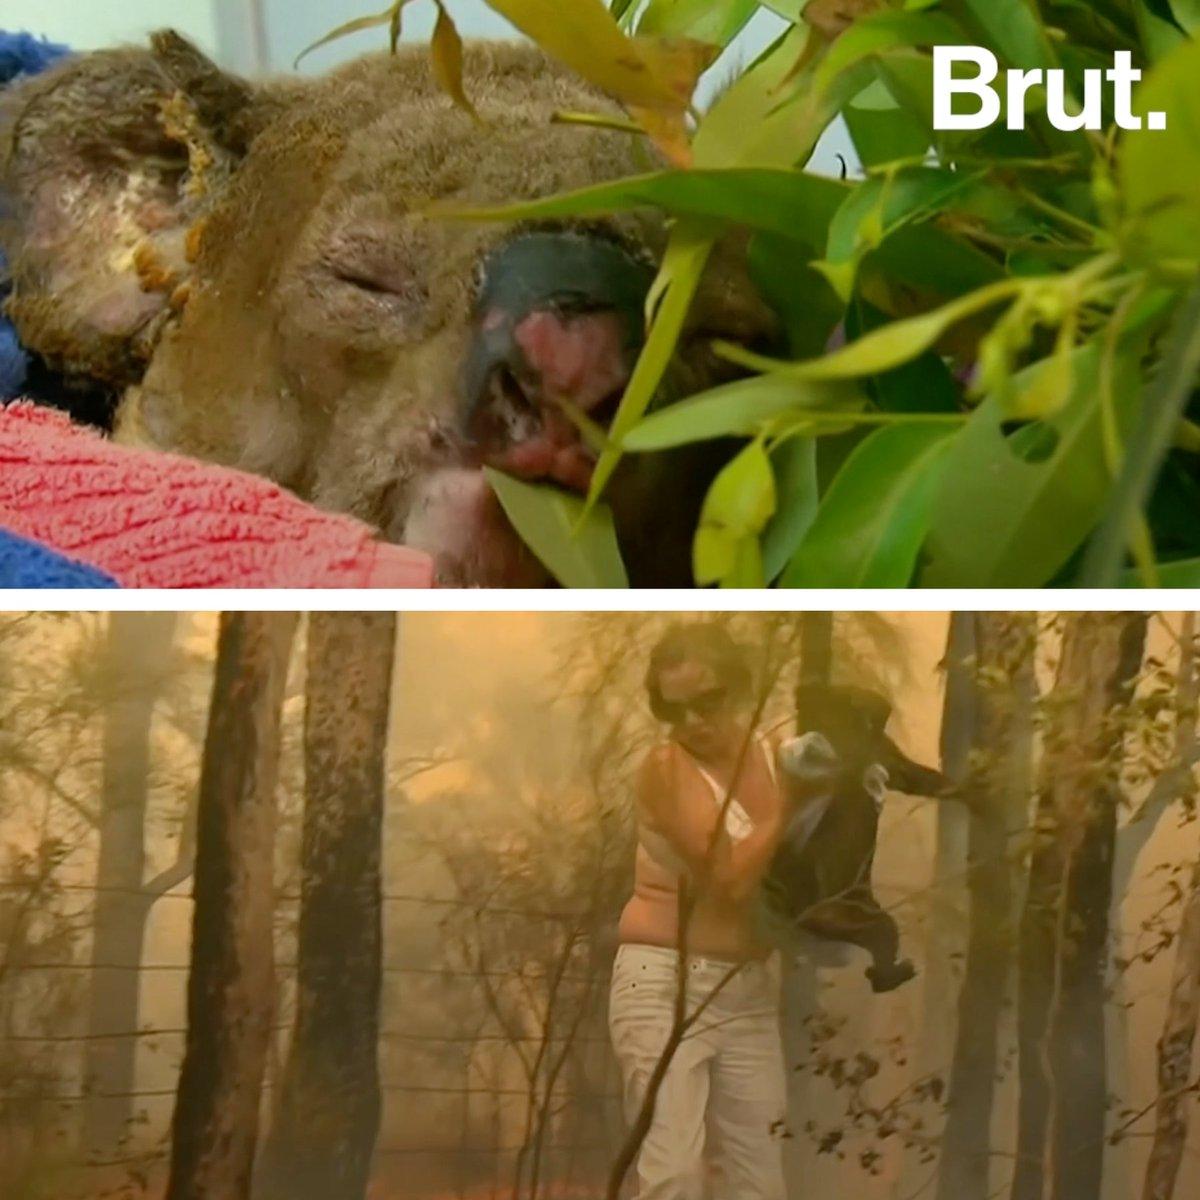 Que devient le koala piégé par les flammes et secouru par une courageuse Australienne ? Soigné dans un hôpital pour koalas, lanimal gravement brûlé vient de recevoir la visite de celle qui la secouru. Voilà leurs retrouvailles.